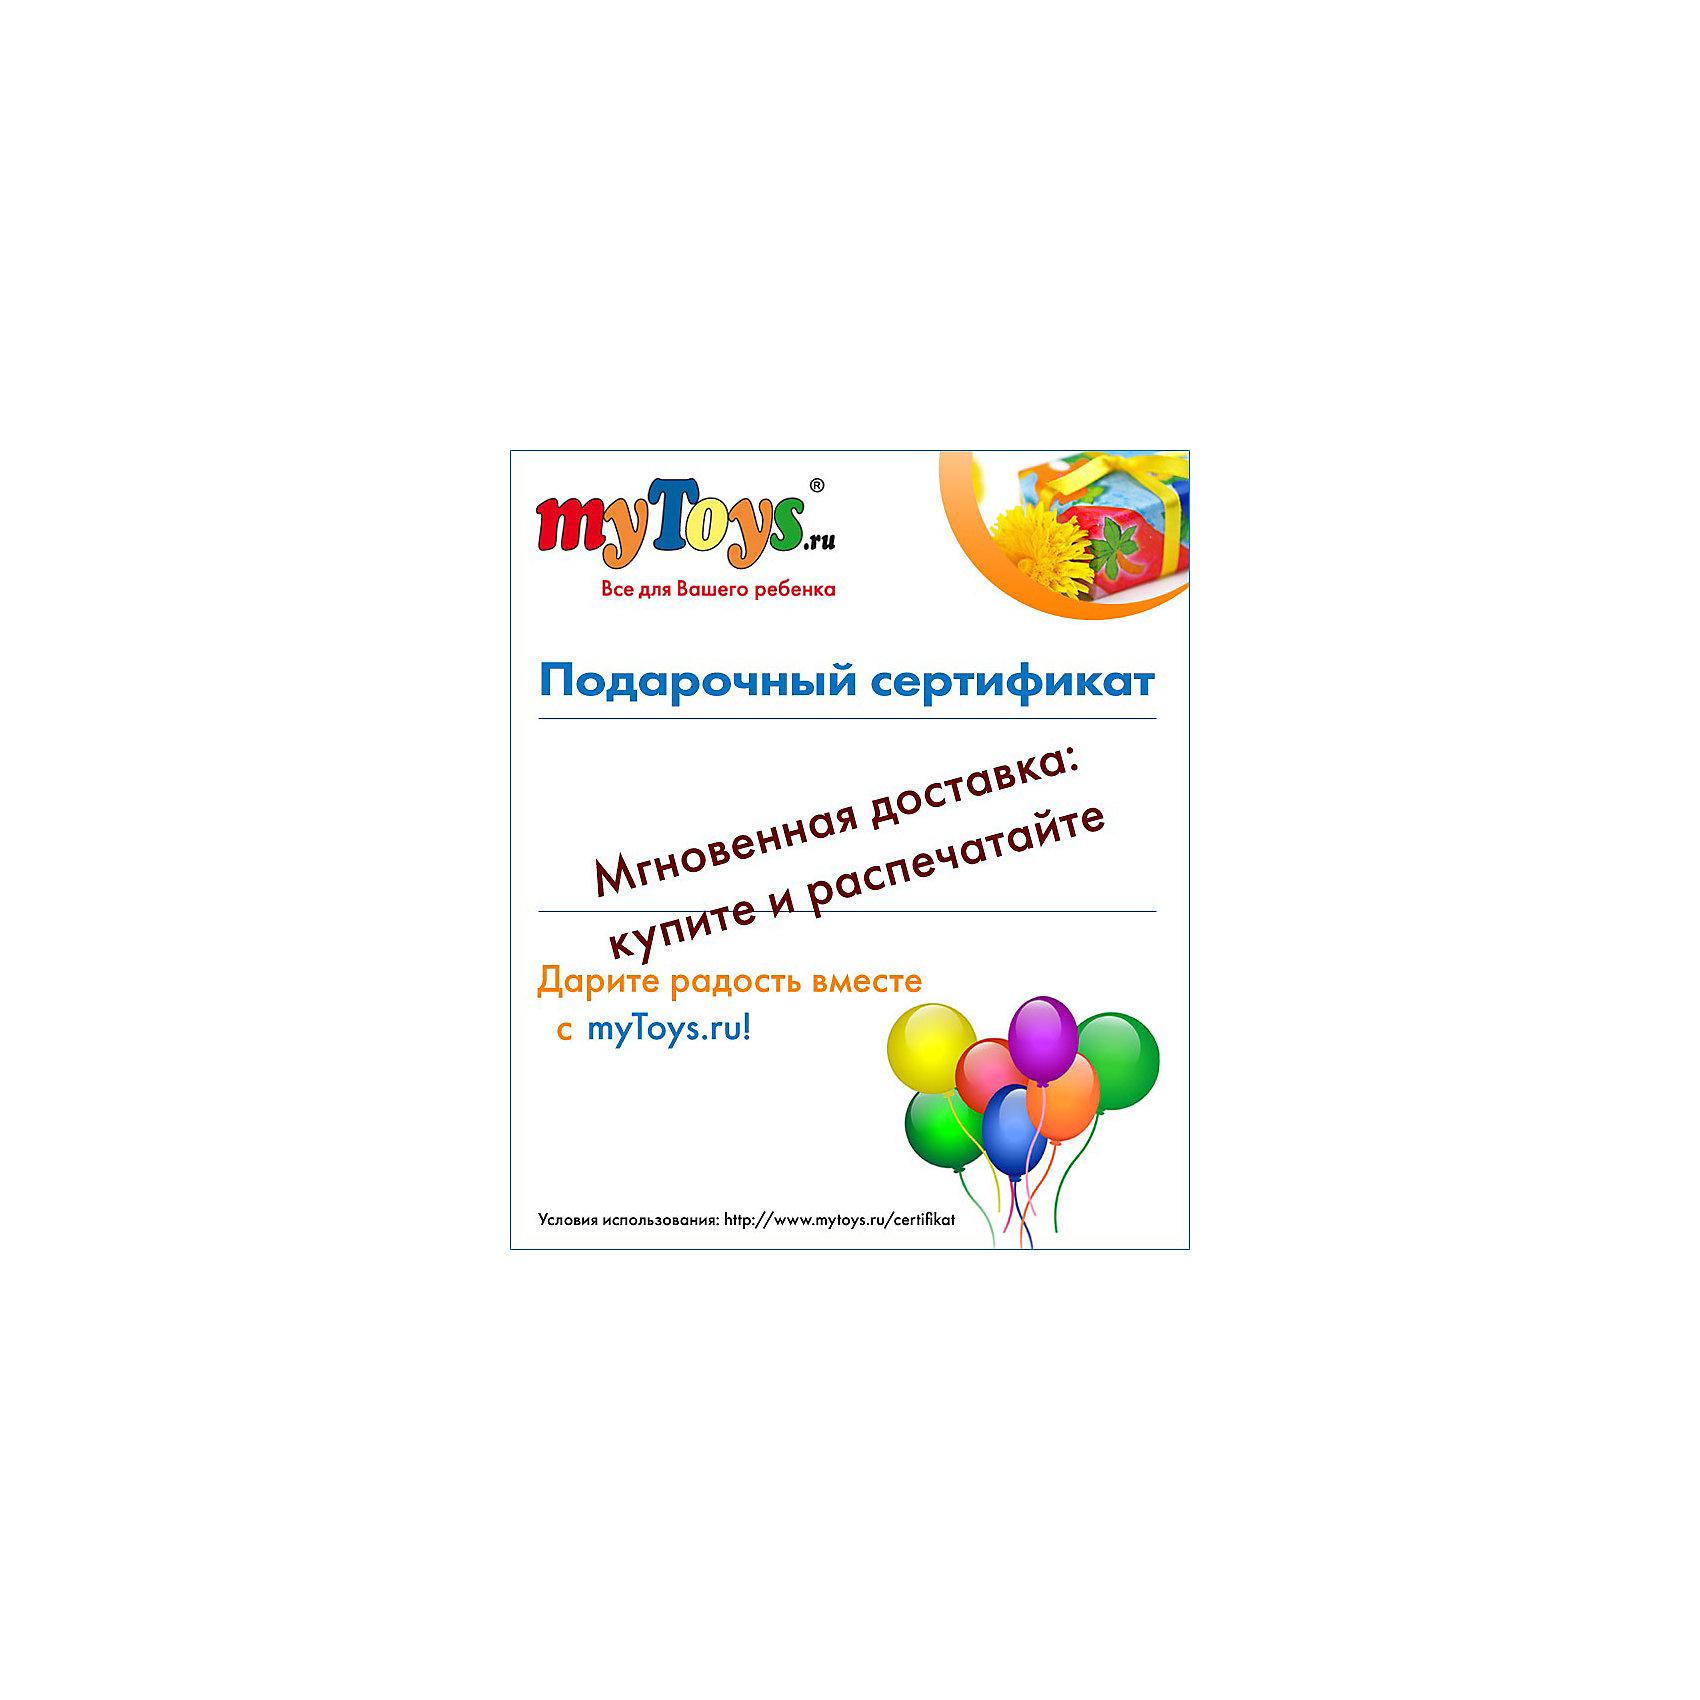 Электронный подарочный сертификат на сумму 1500 рублей